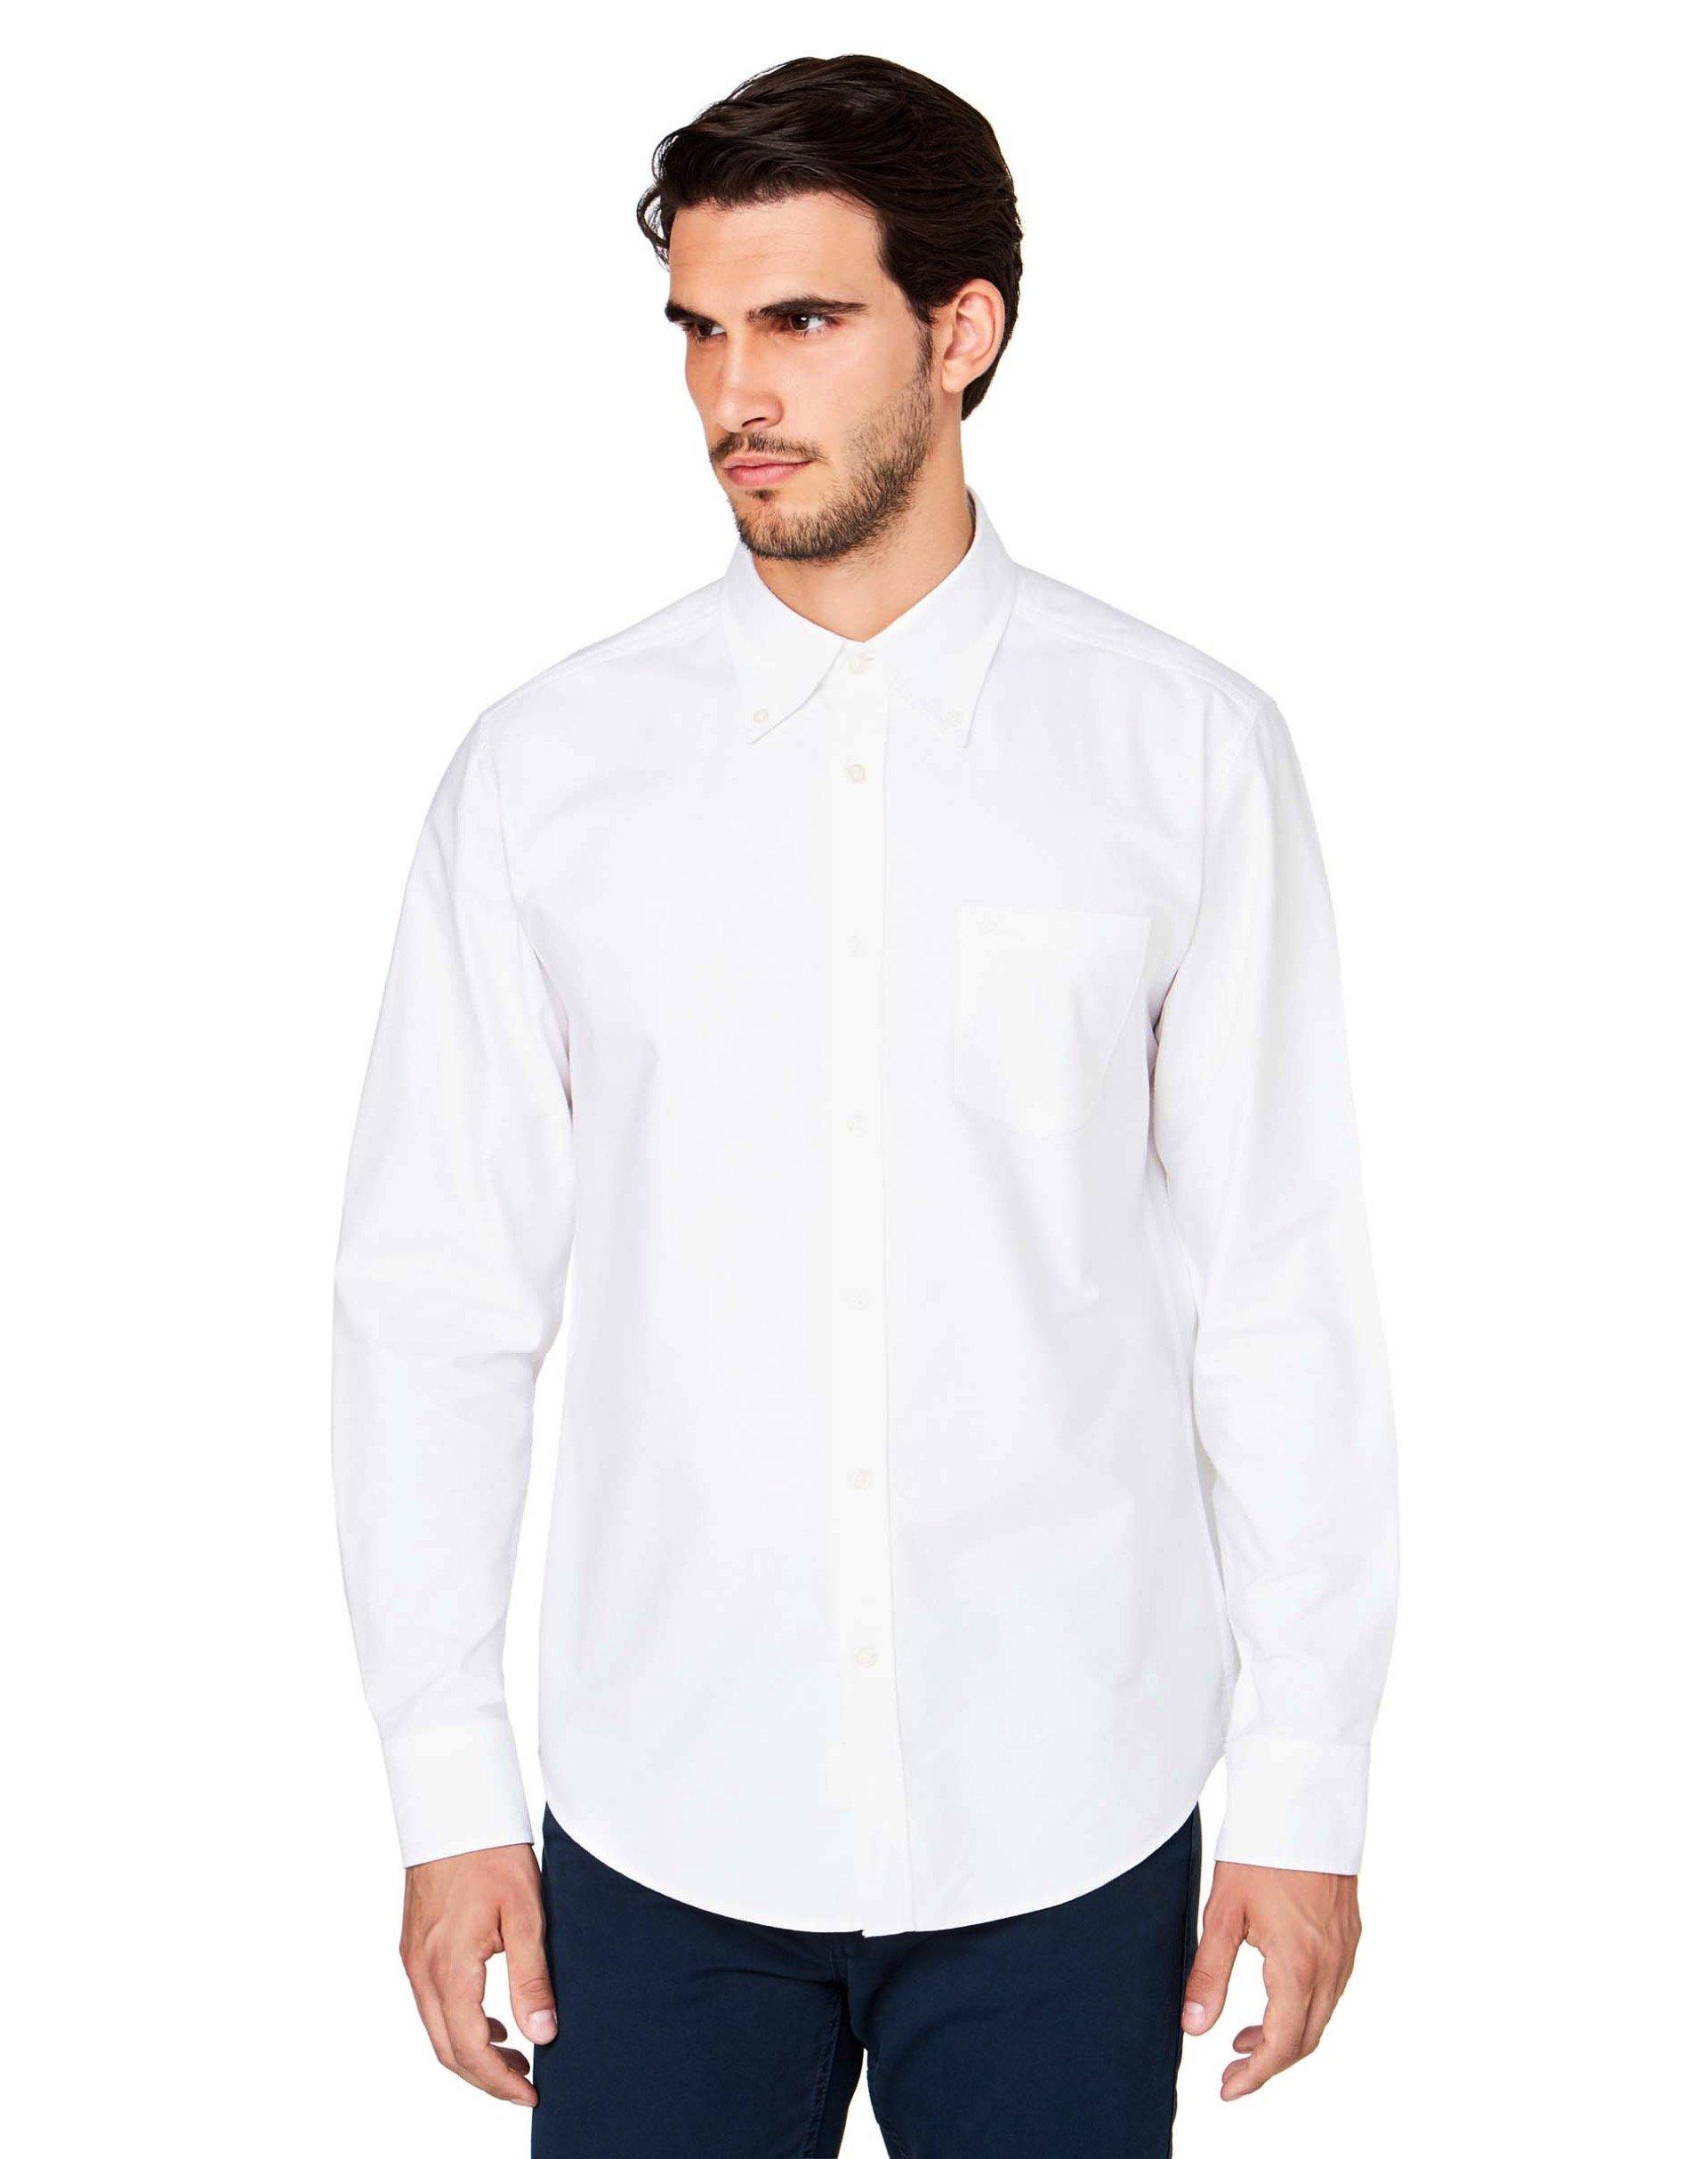 РубашкаКлассические<br>Рубашка с длинным рукавом из 100% хлопка Оксфорд, с итальянским воротничком и застежкой на пуговицы. Вышитый логотип Benetton на кармашке слева на груди, округленный низ и кокетка сзади. Посадка регулар.<br>Цвет: Белый; Размер: S;